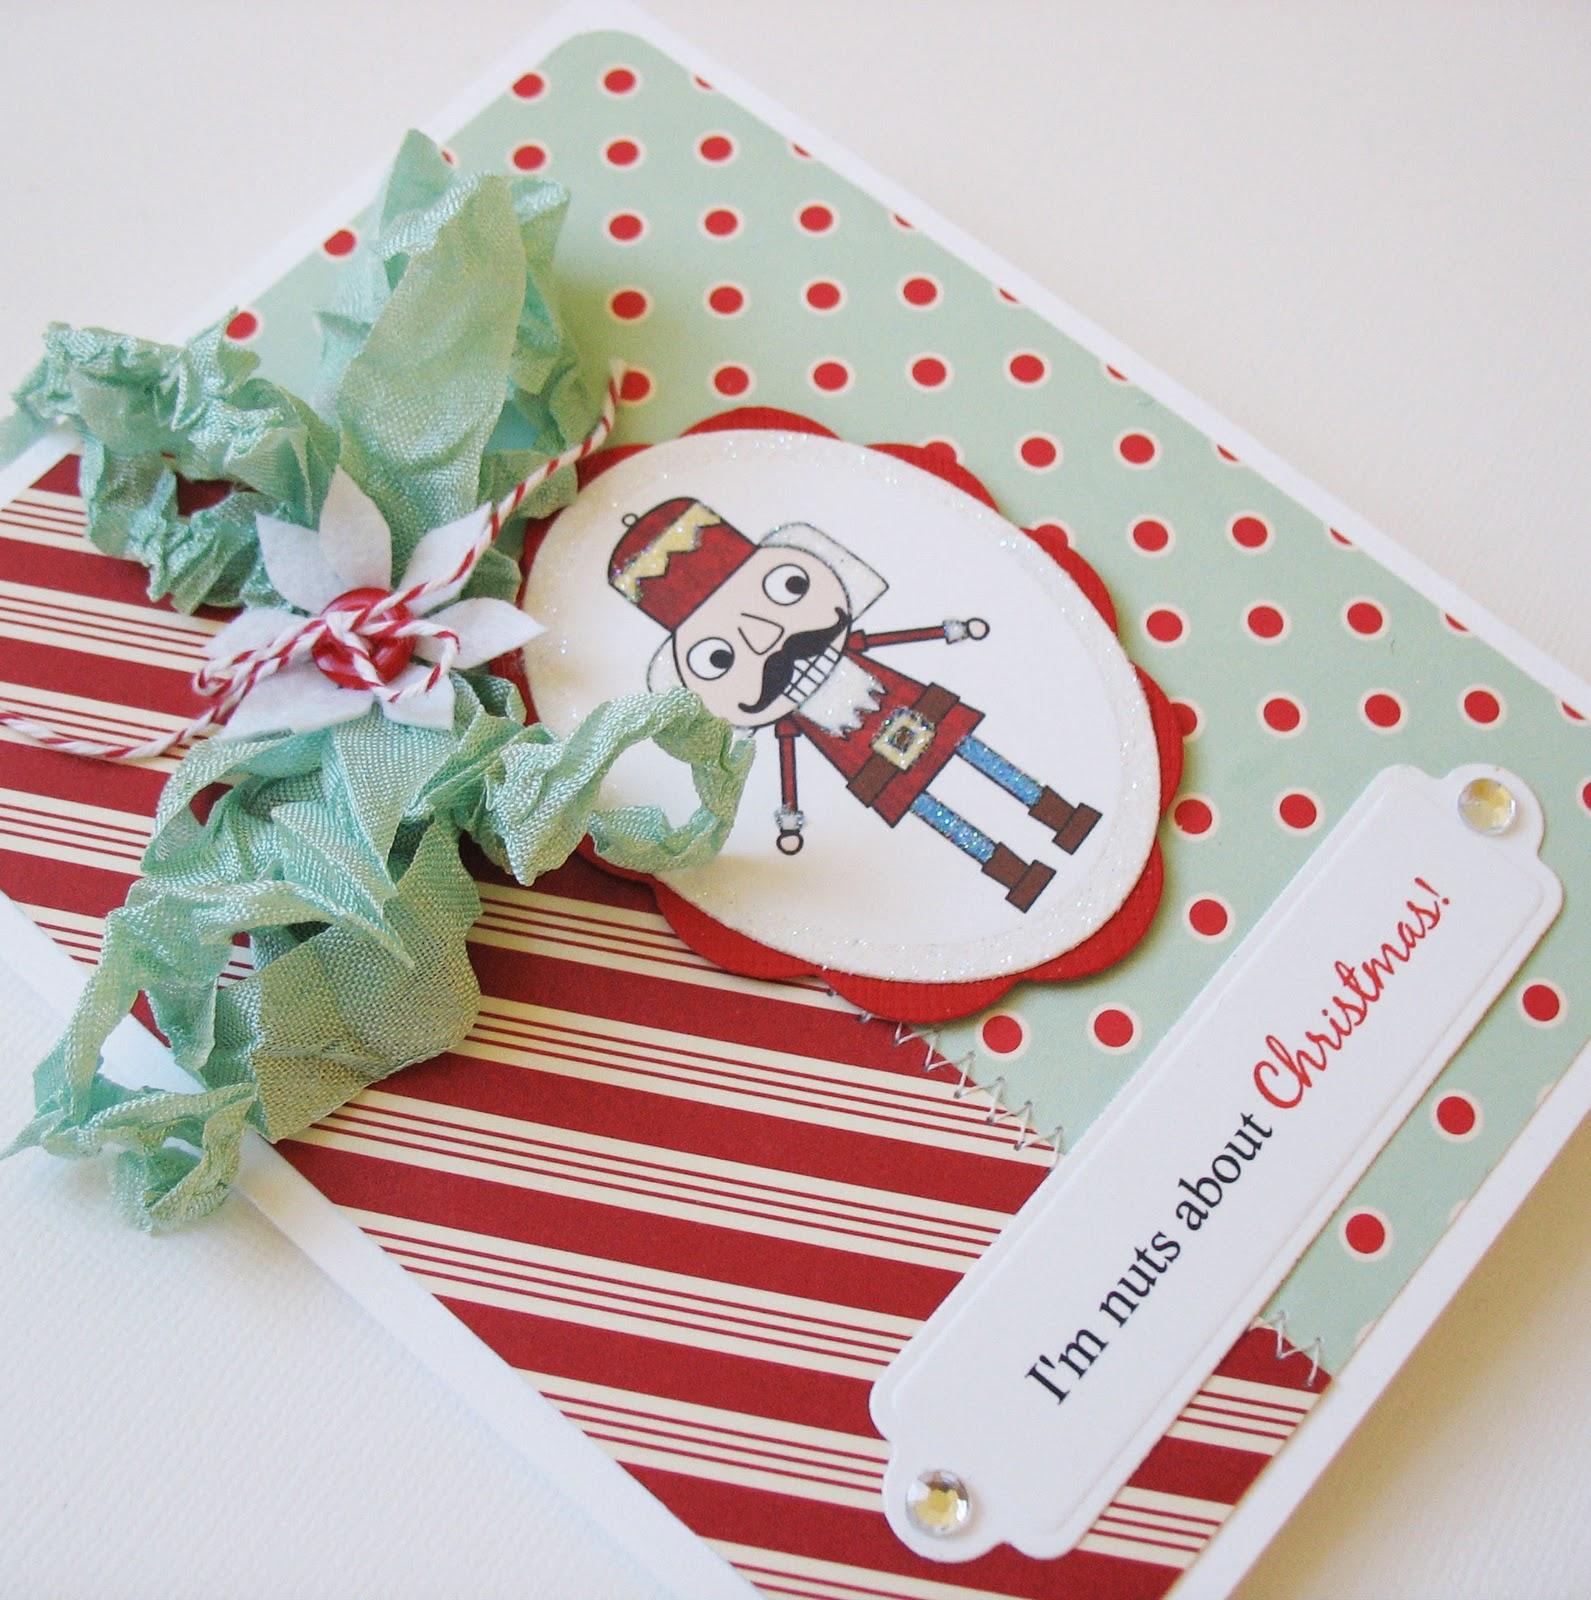 http://1.bp.blogspot.com/_Y9-FB7jQLpU/TQY5FH-URPI/AAAAAAAACuw/_XsMc8xobAI/s1600/101213-Nuts-Christmas-Flat.jpg